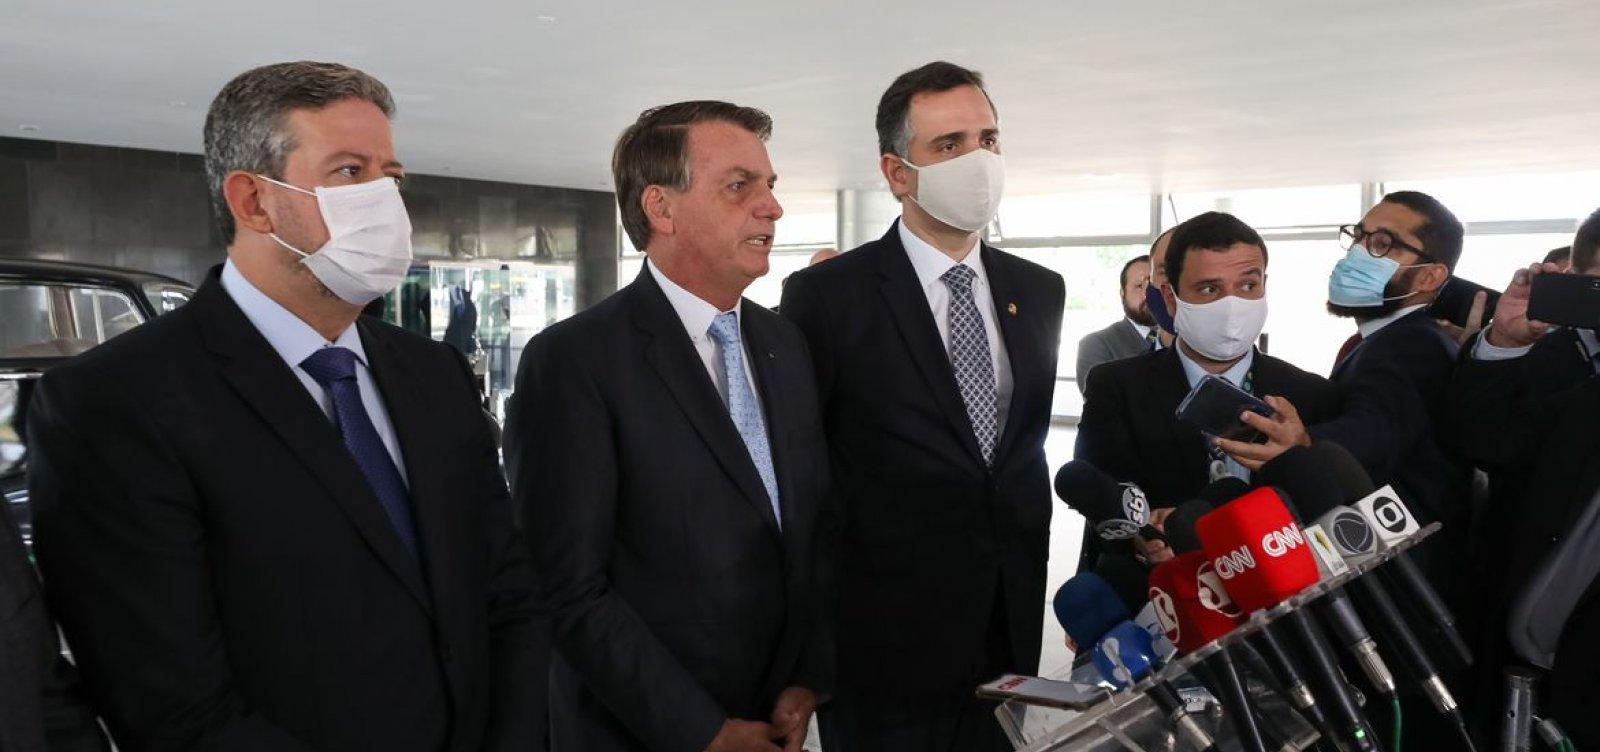 Bolsonaro inclui em lista enviada ao Congresso prioridade para projetos sobre armas